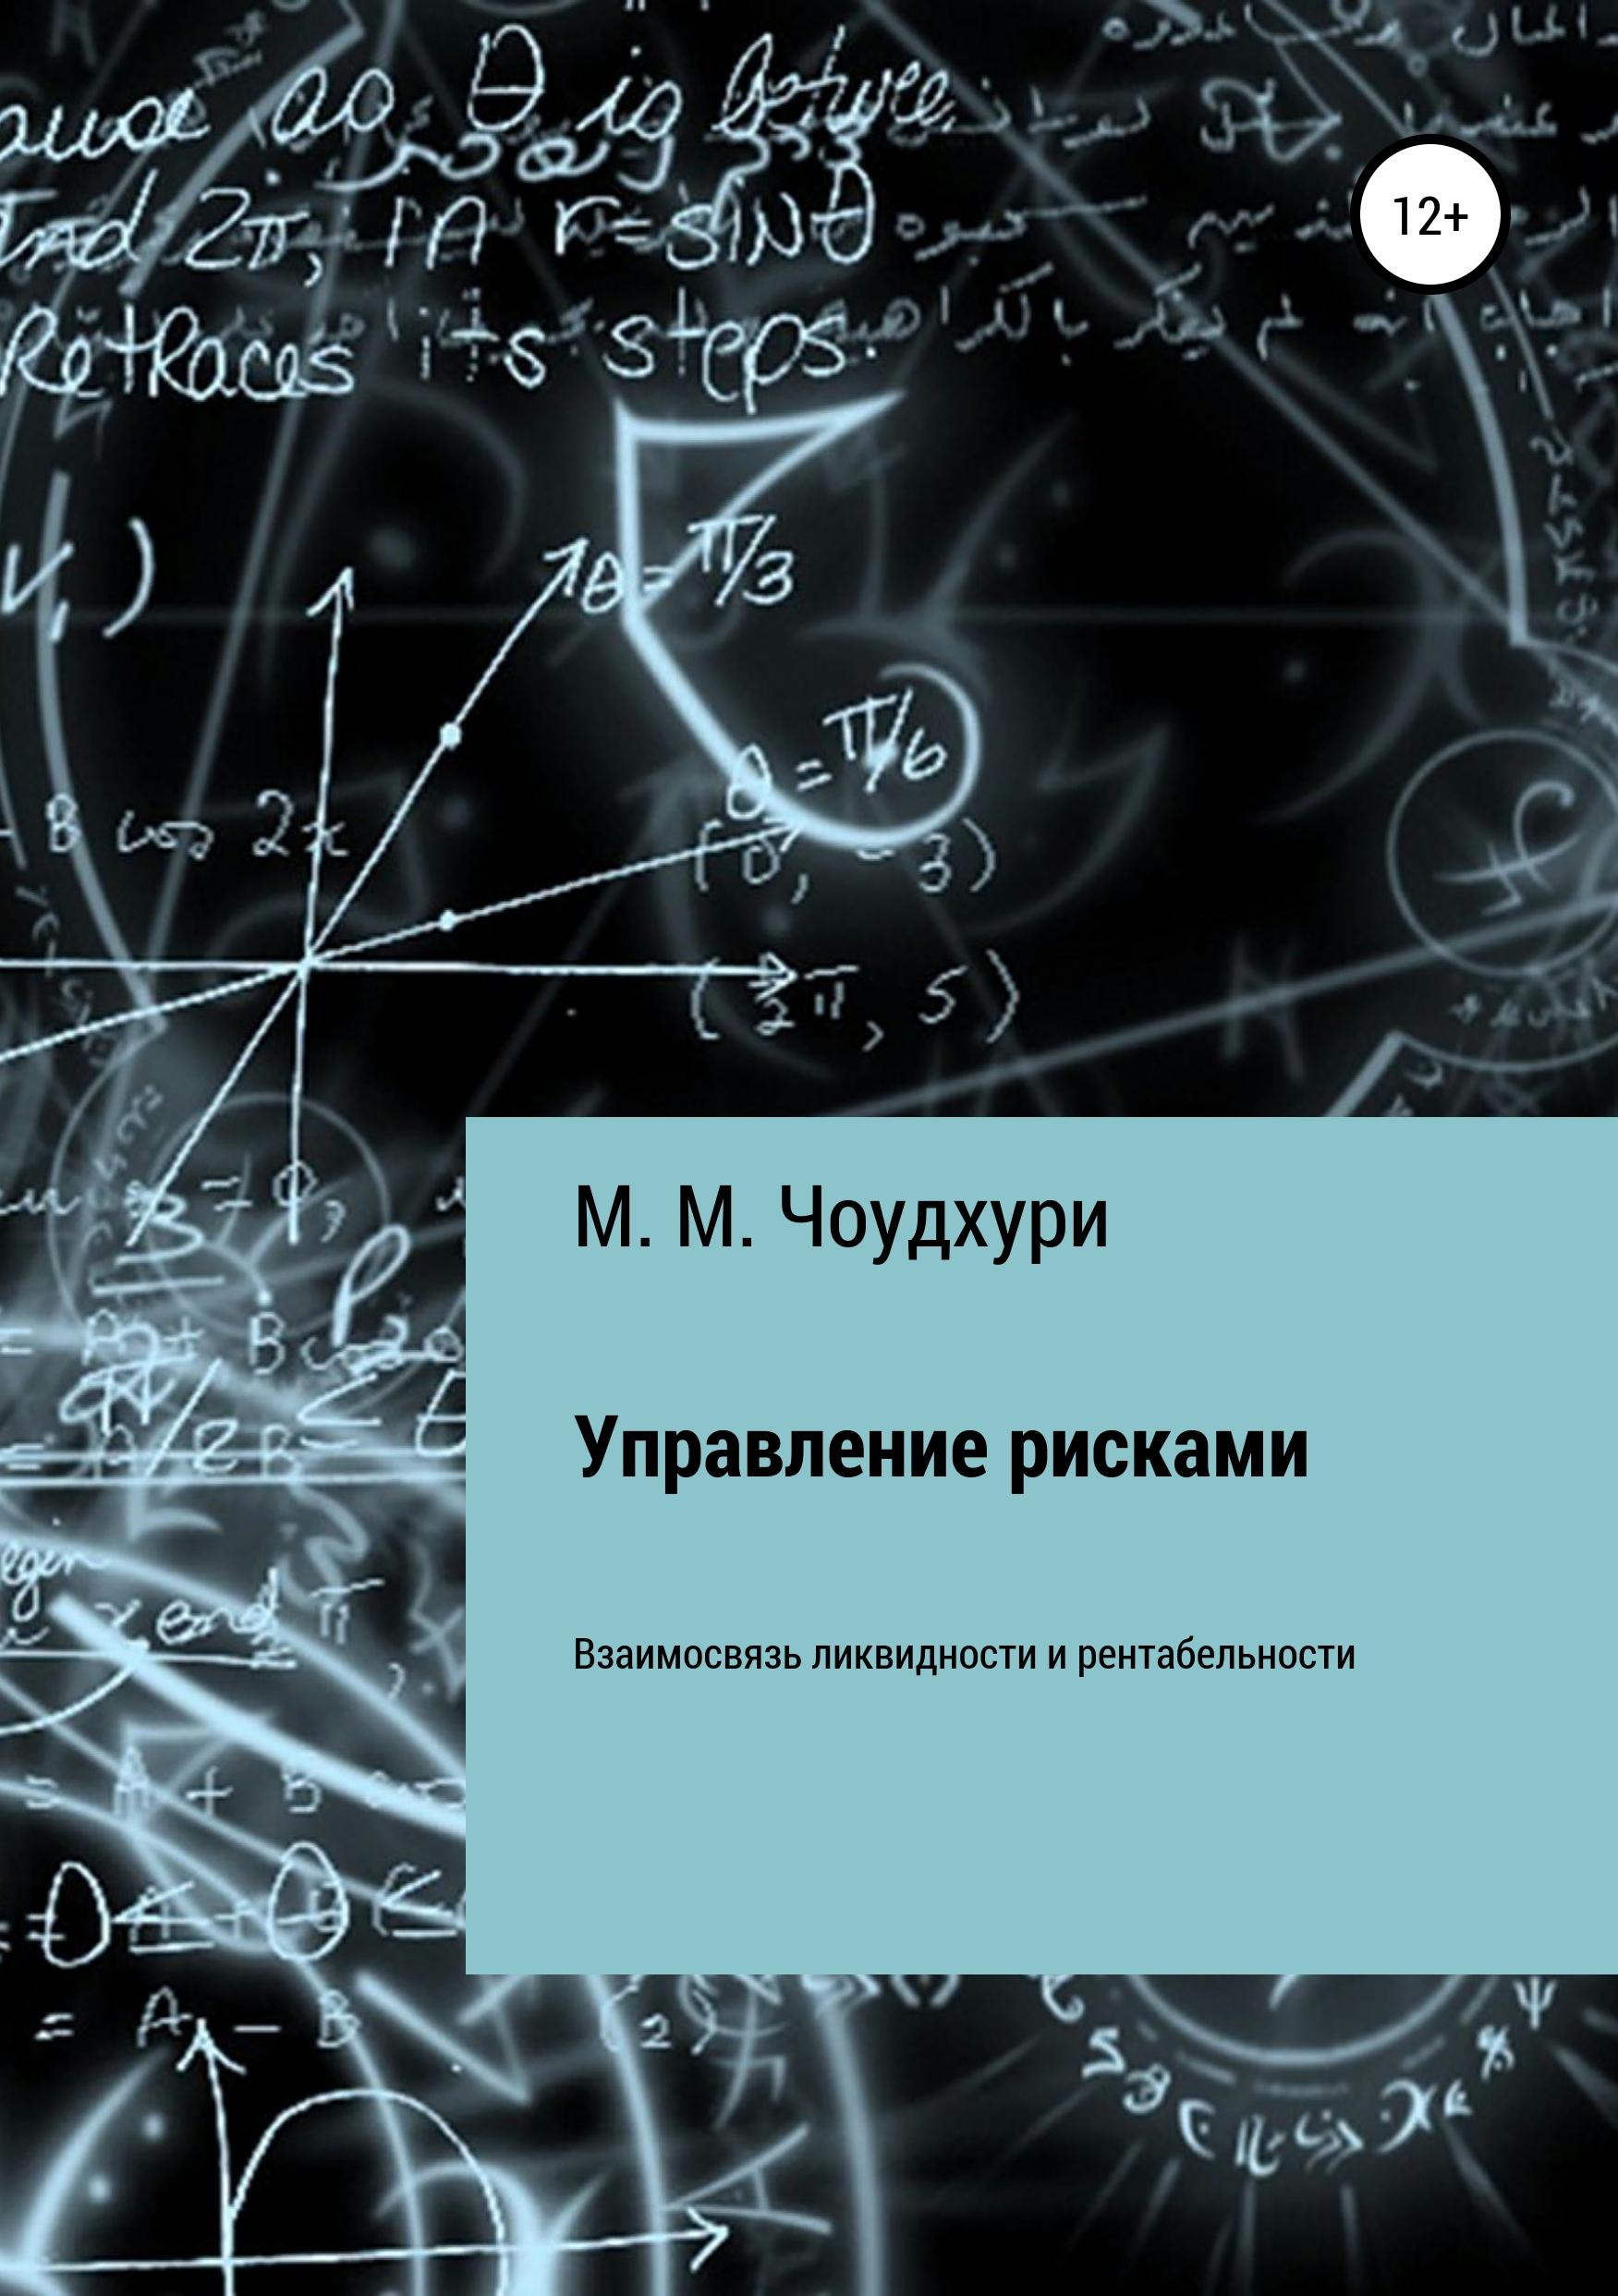 Обложка книги Управление рисками. Взаимосвязь ликвидности и рентабельности в банковской отрасли